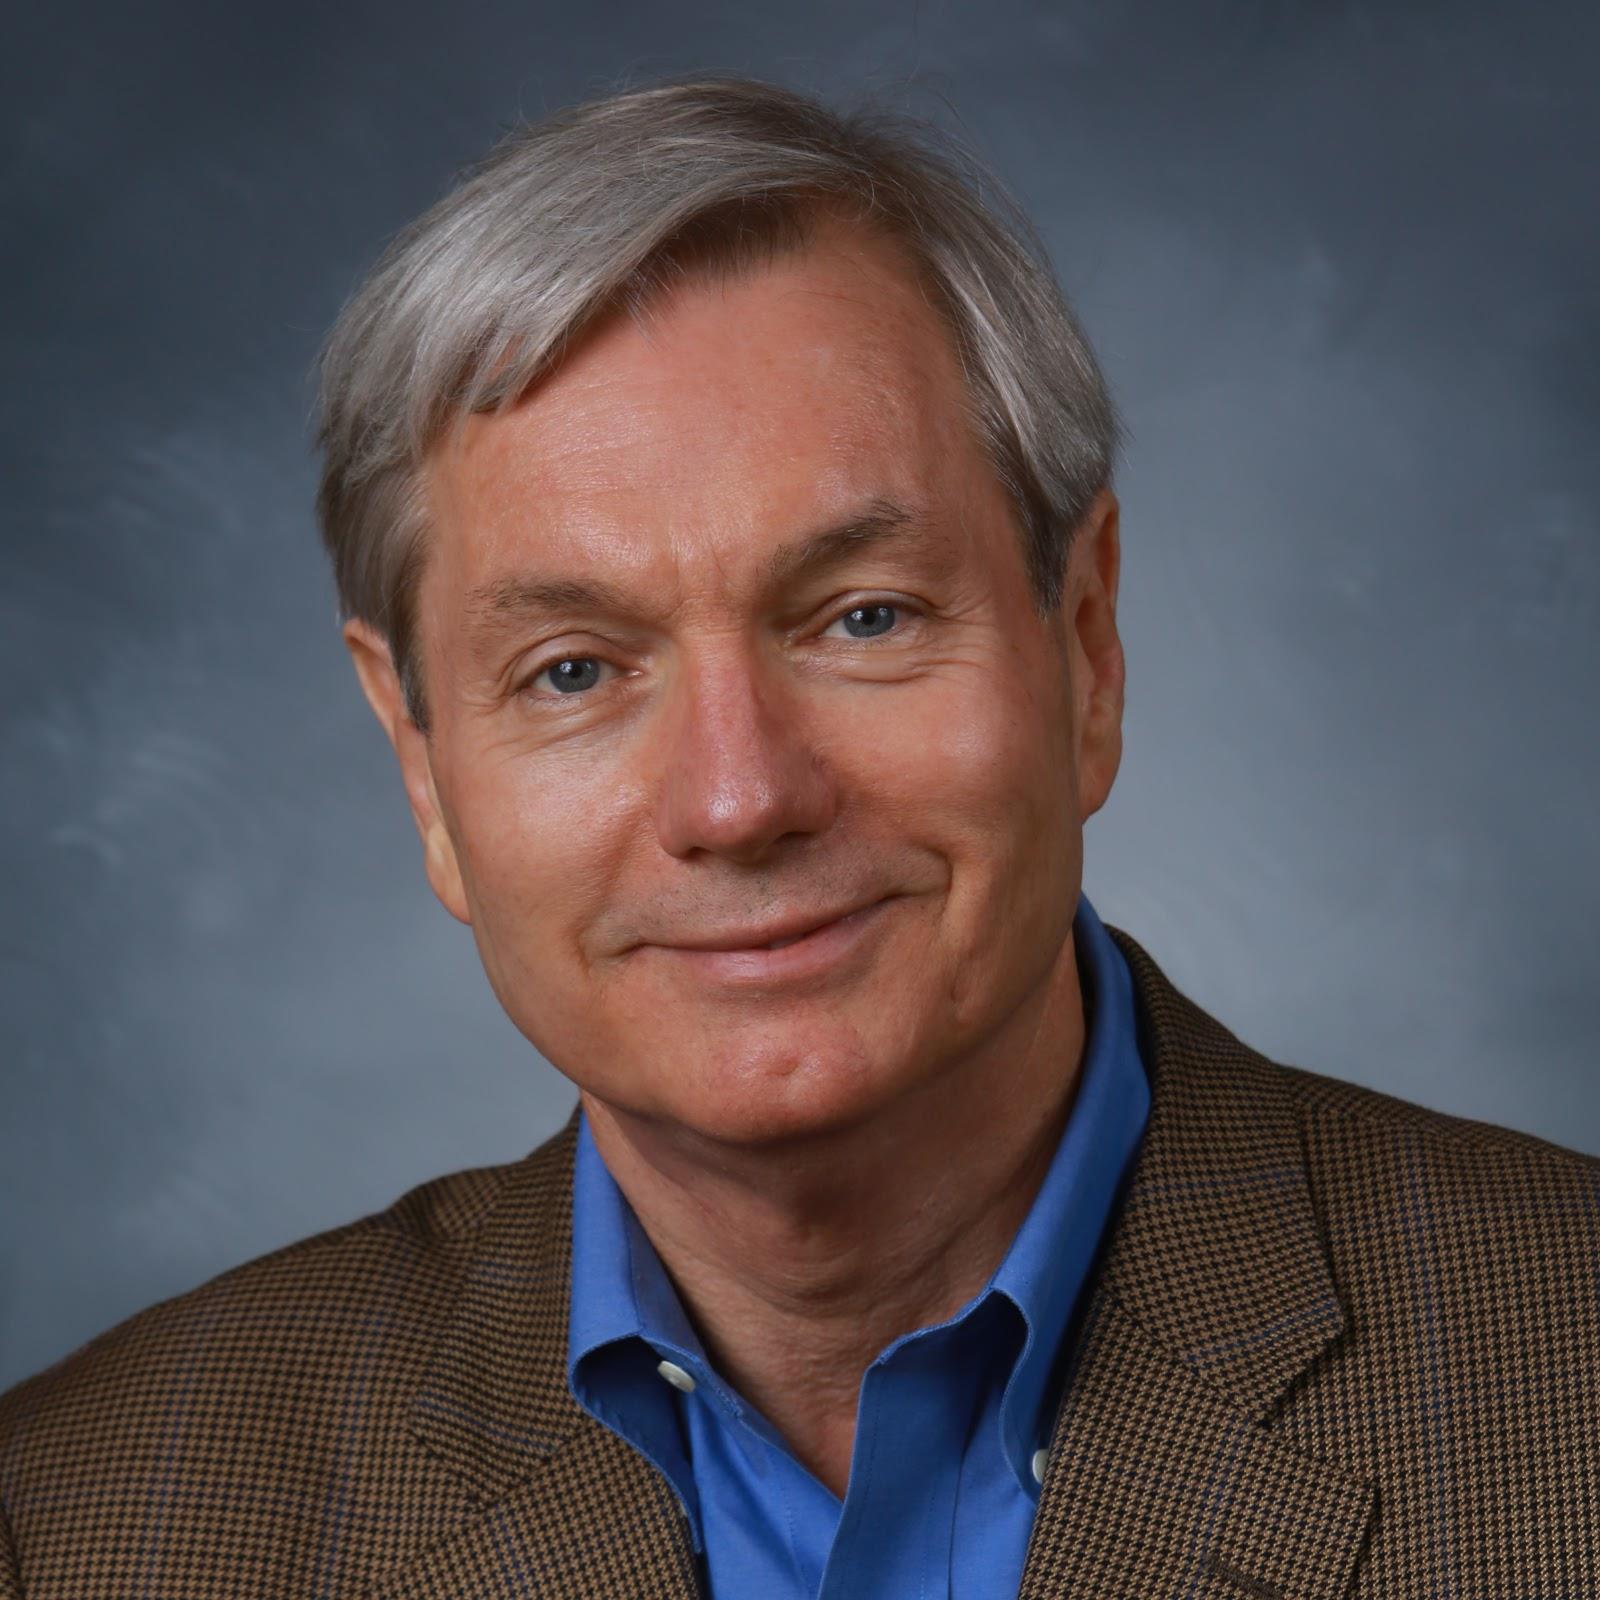 Michael Osterholm, PhD, MPH, CIDRAP